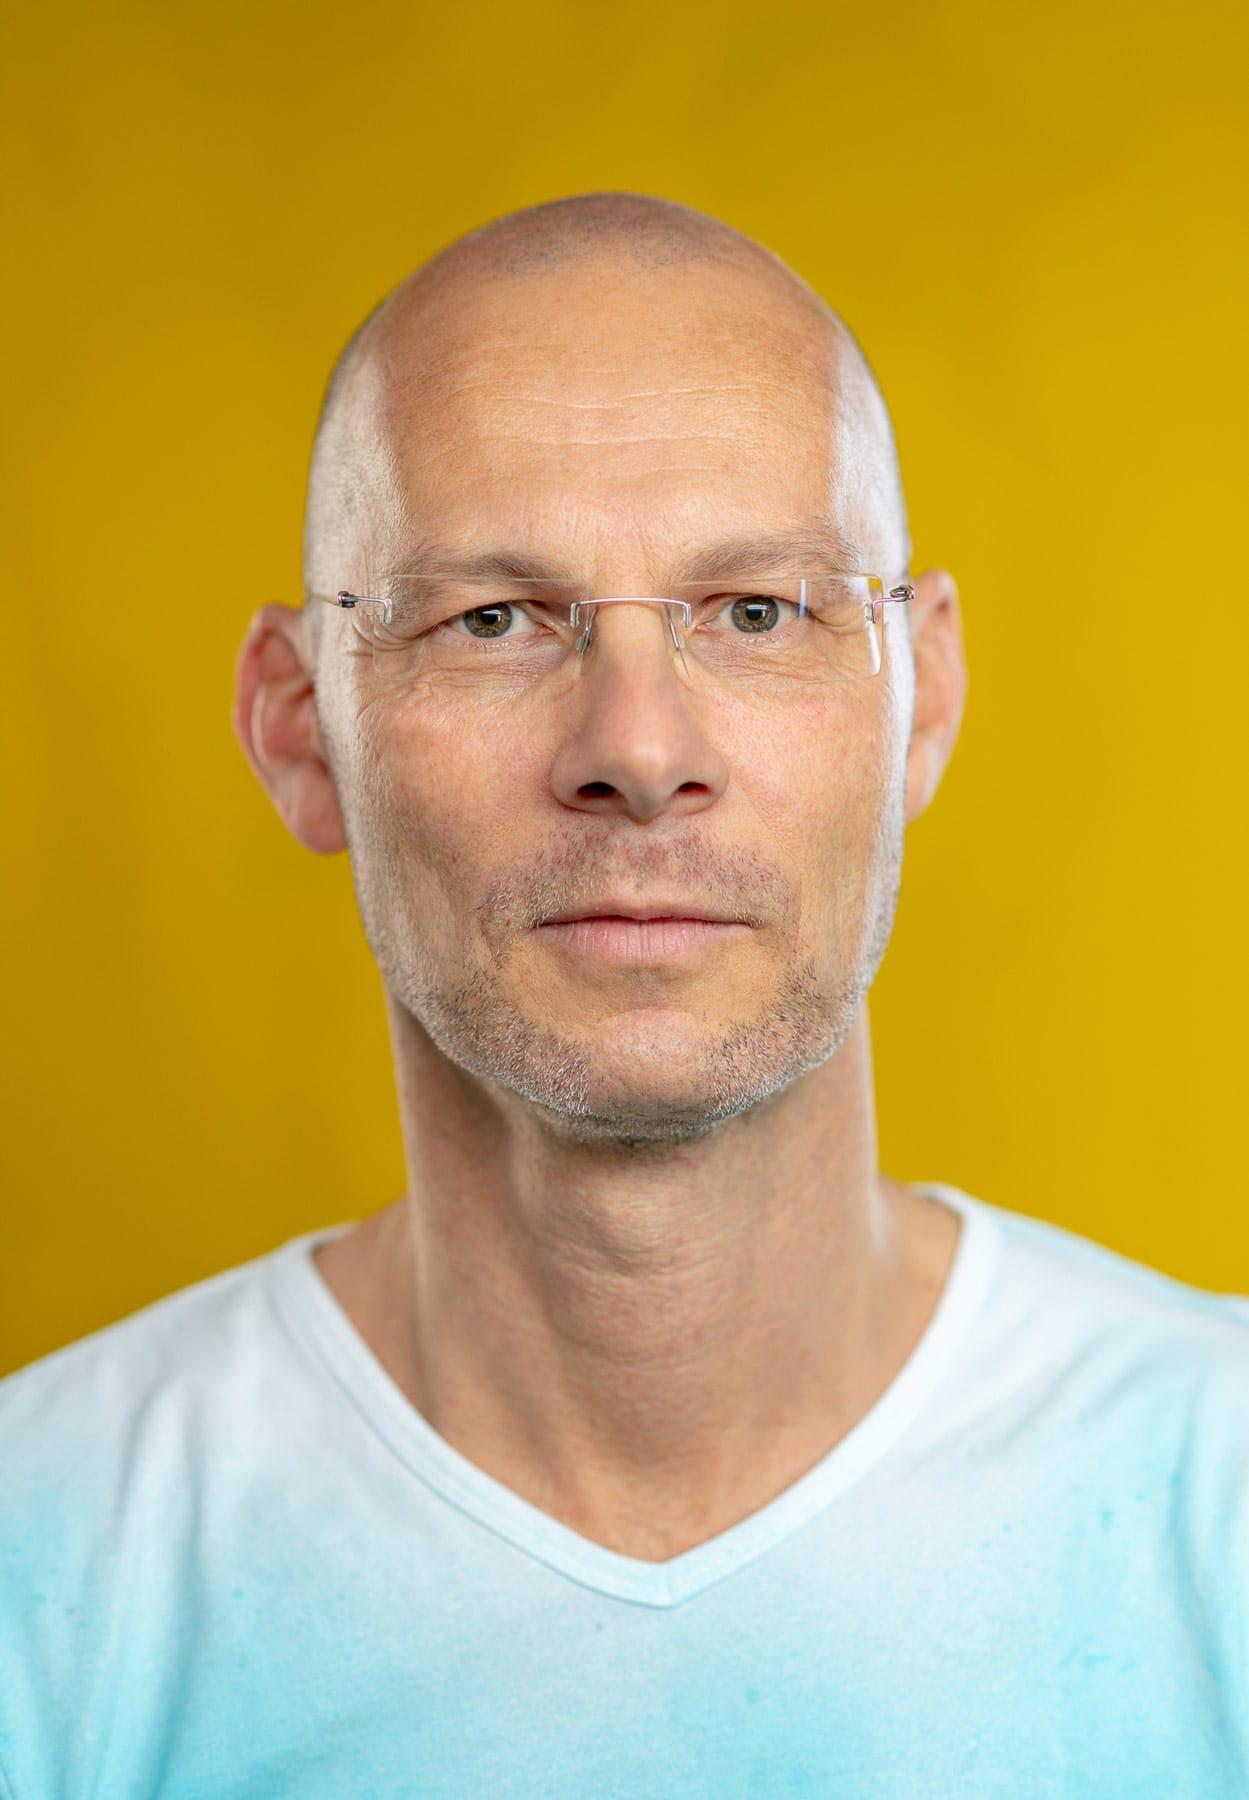 Portrait von eines jungen Mannes vor gelben Hintergrund